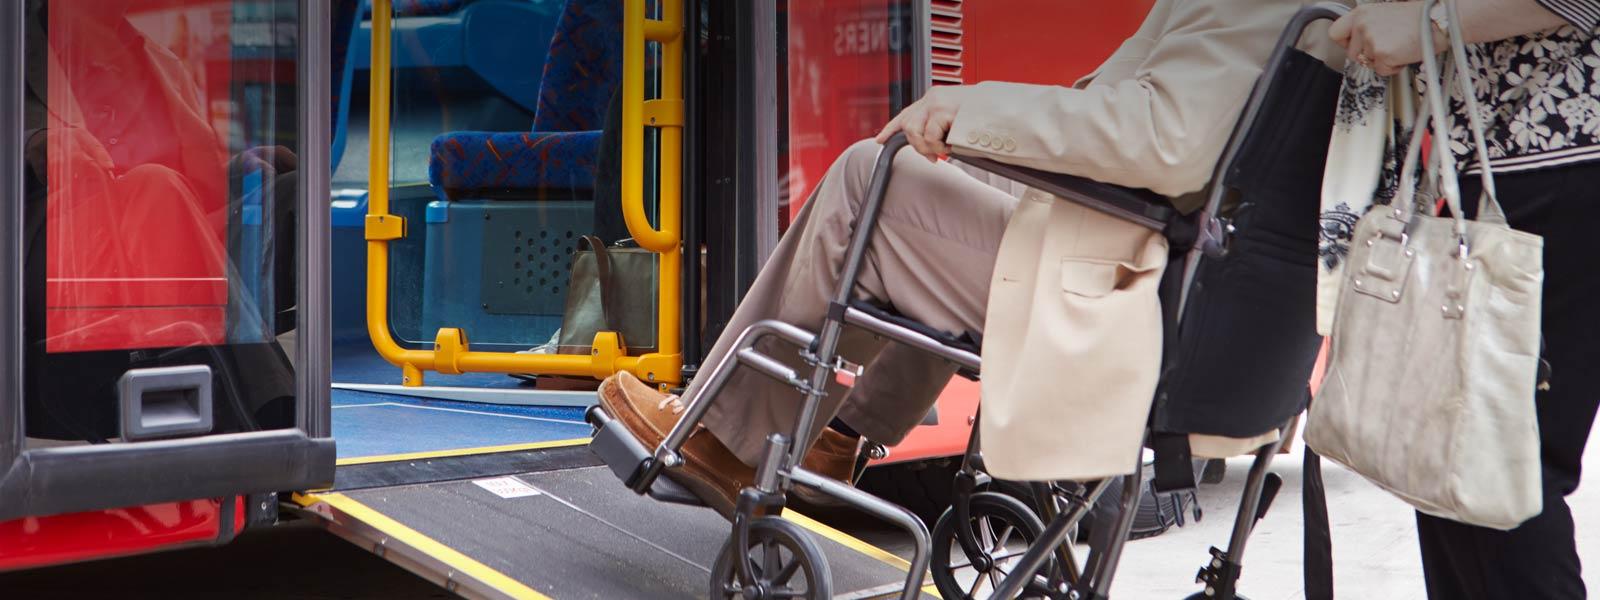 Servicio Autobus sin barreras Movilidad reducida